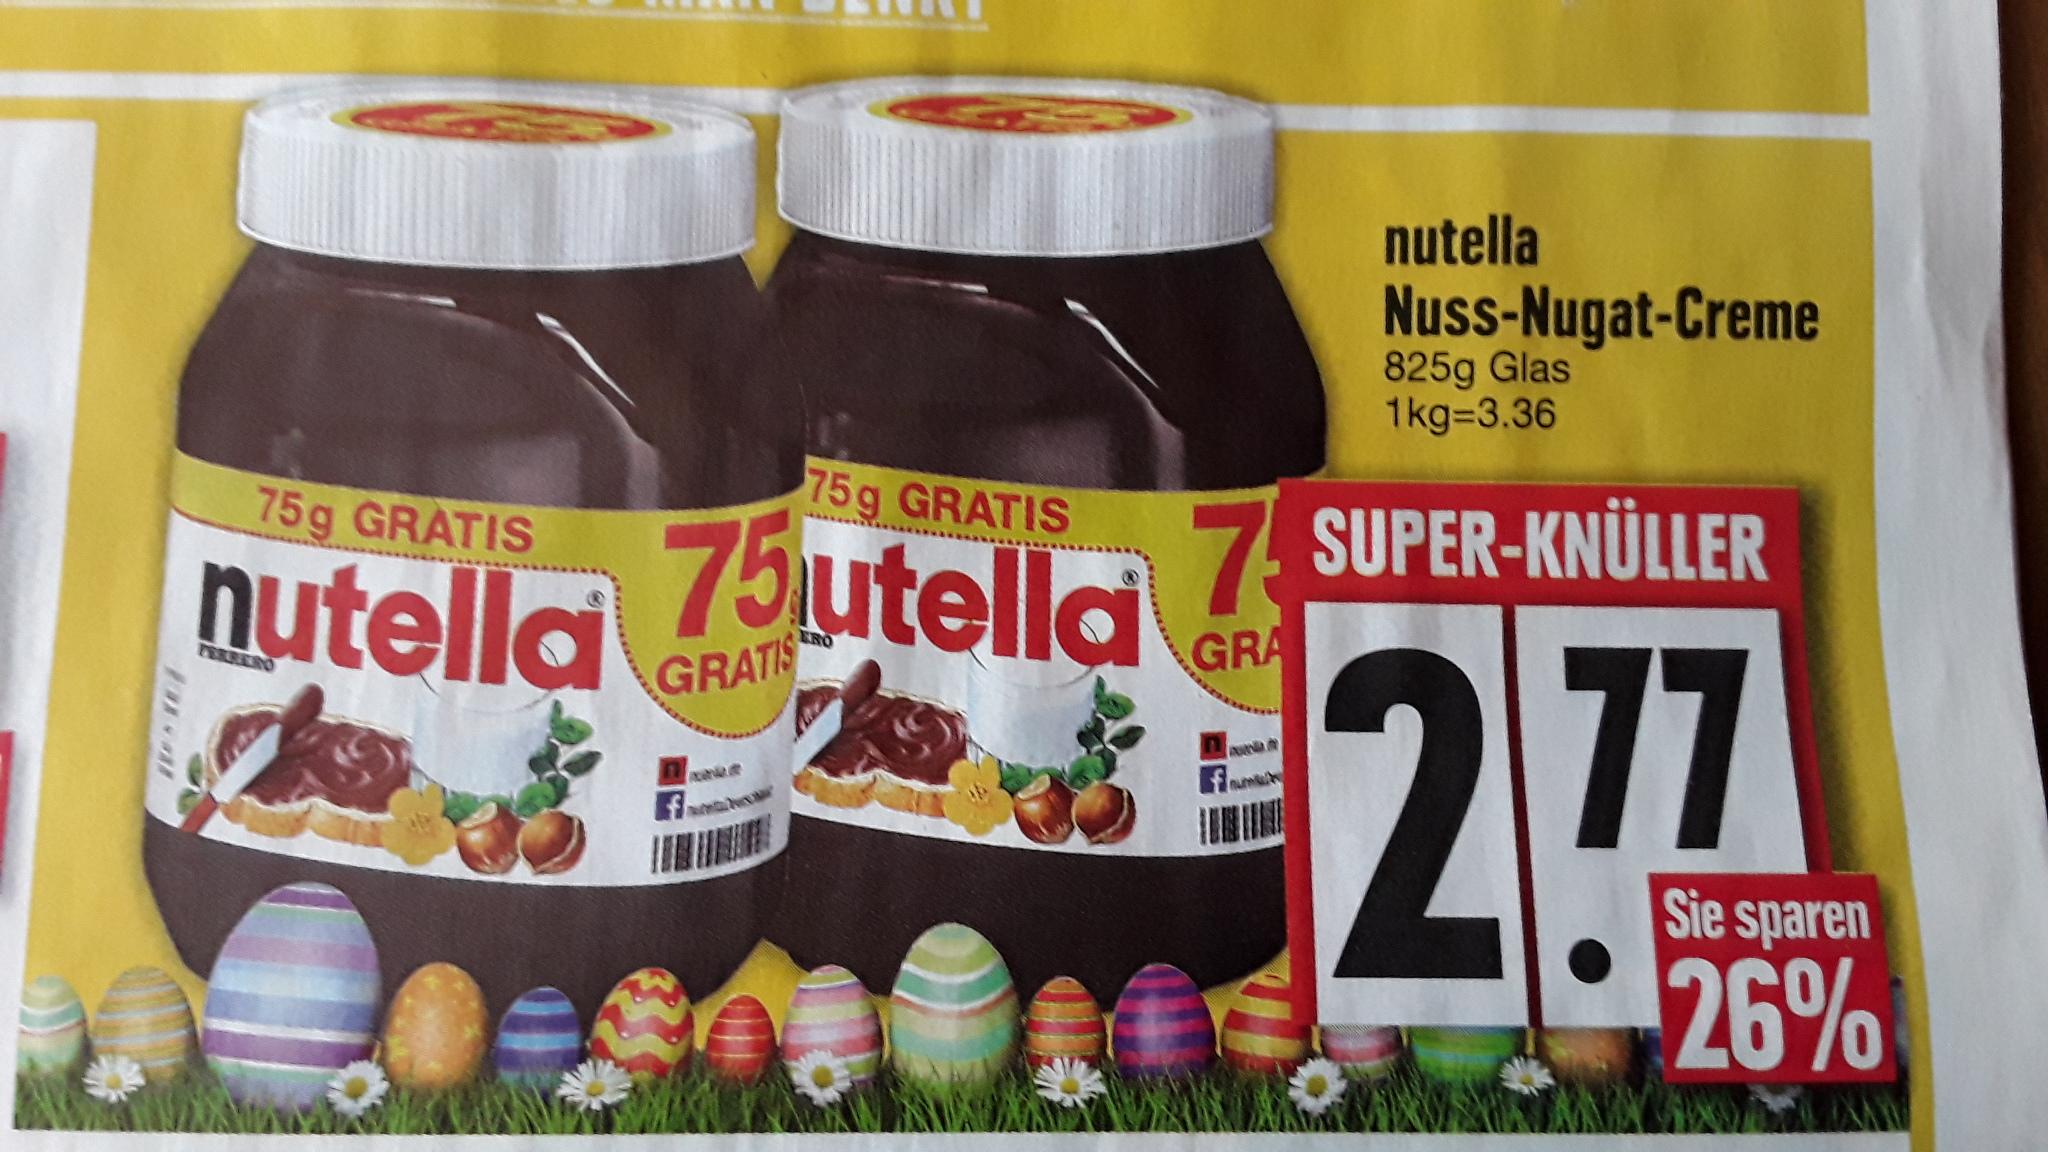 Nutella 825 g Glas für 2,77 € ab 10.04. bei Edeka Südbayern